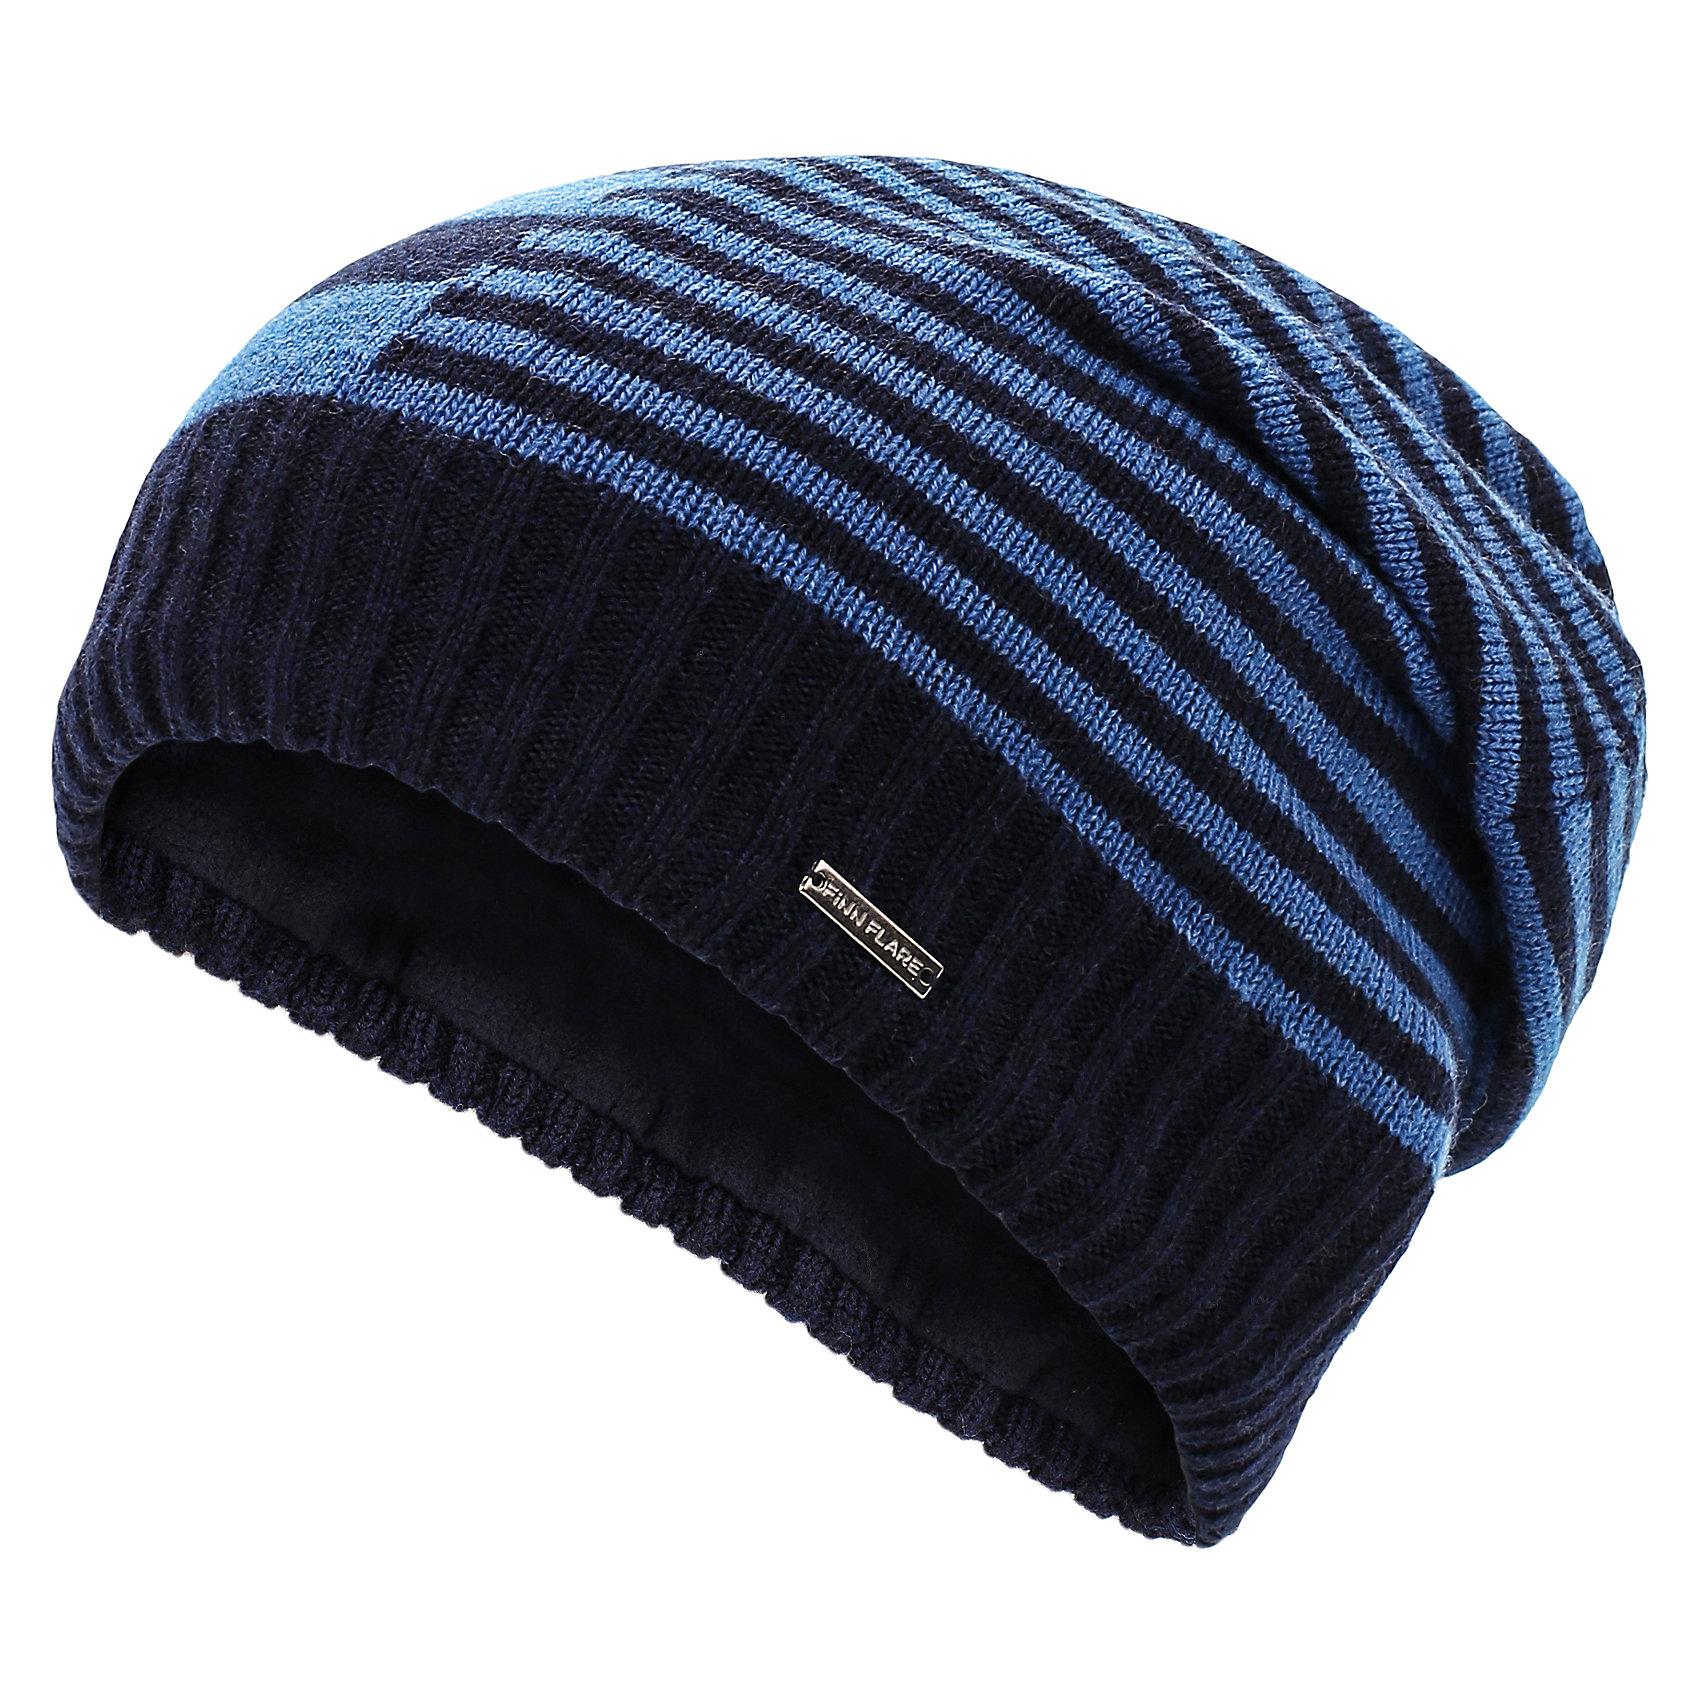 Шапка для мальчика Finn FlareГоловные уборы<br>Шапка известной марки Finn Flare.<br><br>Утепленная шапка на подкладке надежно защищает ребенка в осенне-весенний период, когда на улице холодно и дует ветер. Полосатый принт шапки, широкая окантовка и спущенный мысок на макушке выгодно выделяют шапку среди других моделей. <br><br>Состав: 50% акрил, 50% шерсть<br>Подкладка: 100% полиэстер<br><br>Шапку для мальчика Finn Flare можно купить в нашем интернет-магазине.<br><br>Ширина мм: 89<br>Глубина мм: 117<br>Высота мм: 44<br>Вес г: 155<br>Цвет: синий<br>Возраст от месяцев: 60<br>Возраст до месяцев: 72<br>Пол: Мужской<br>Возраст: Детский<br>Размер: 54<br>SKU: 4890396